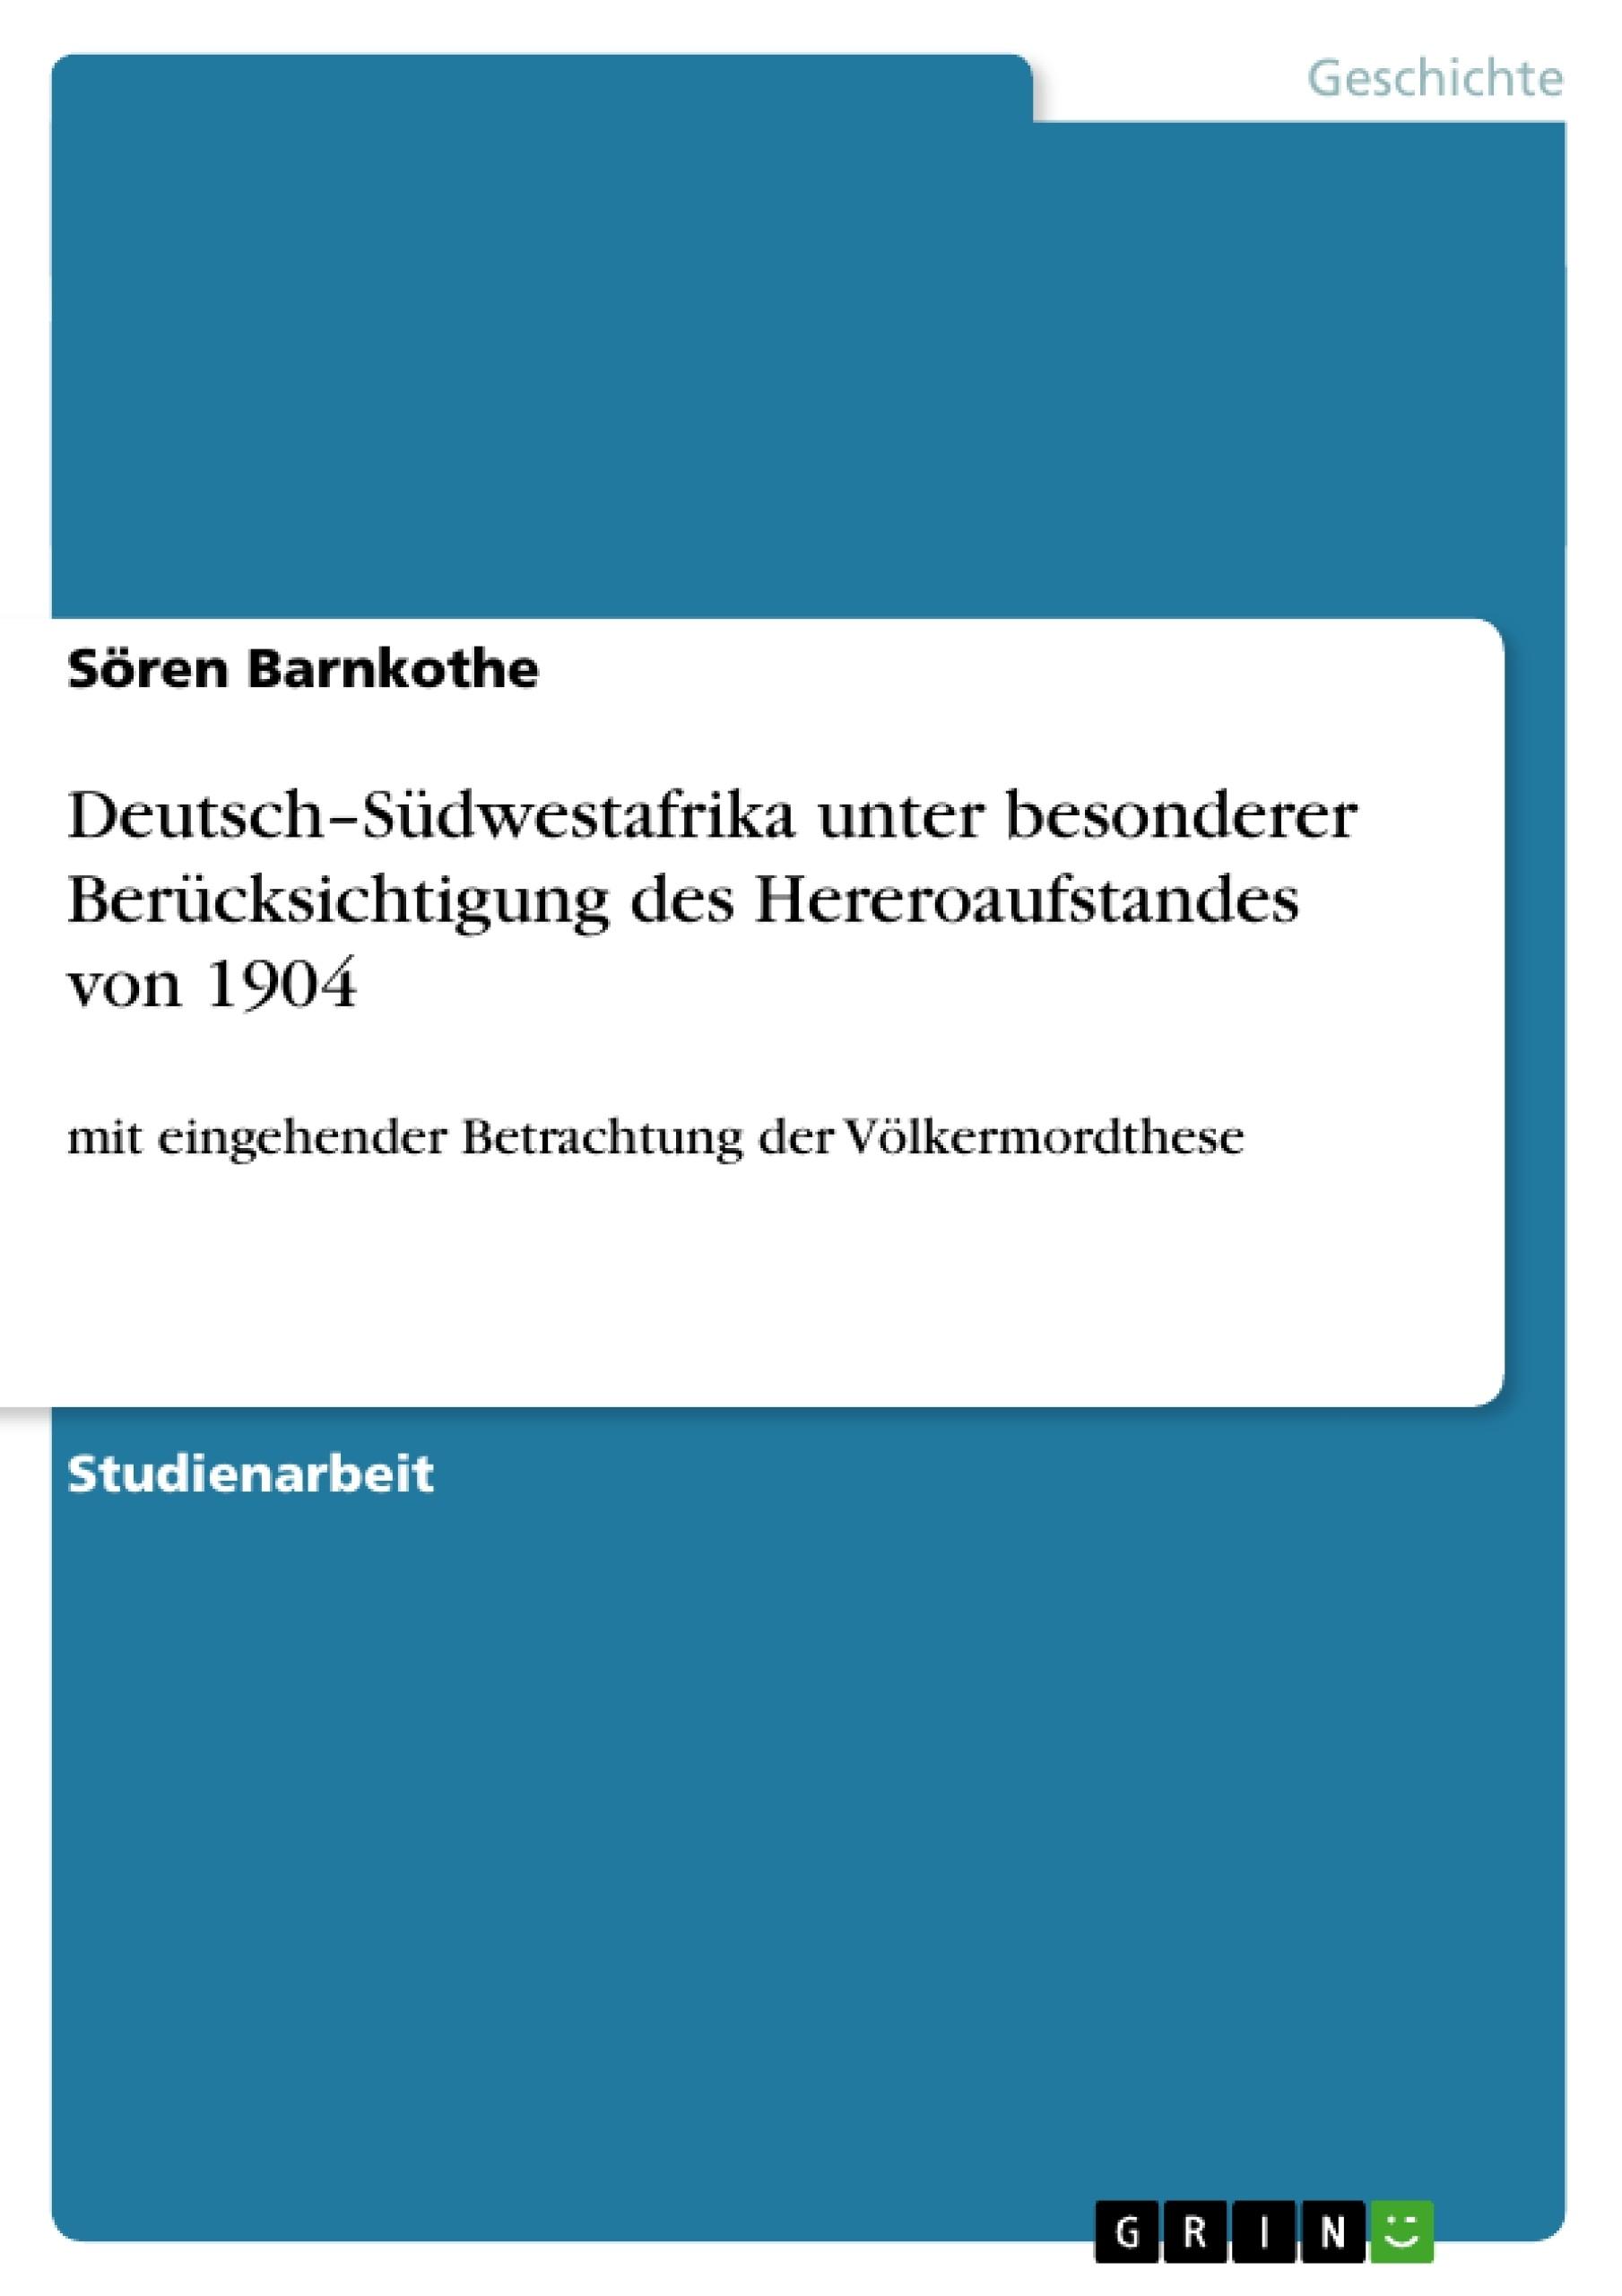 Titel: Deutsch–Südwestafrika unter besonderer Berücksichtigung des Hereroaufstandes von 1904